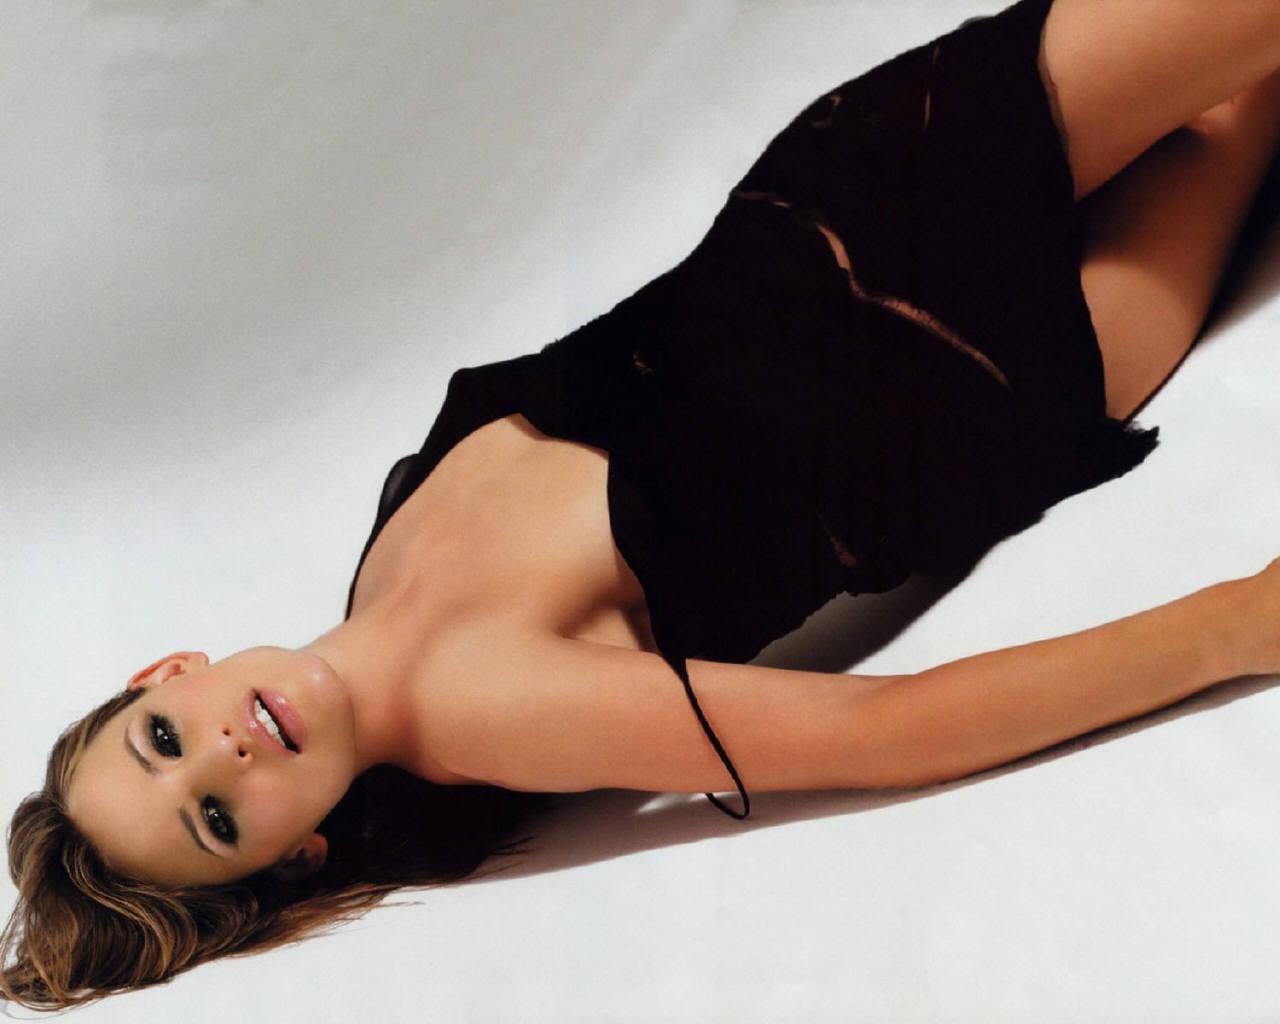 http://1.bp.blogspot.com/-pm1jifm2sbc/TlTkyYEH1wI/AAAAAAAAC5w/QgUwk2AZZEg/s1600/Jennifer-Garner-.jpg